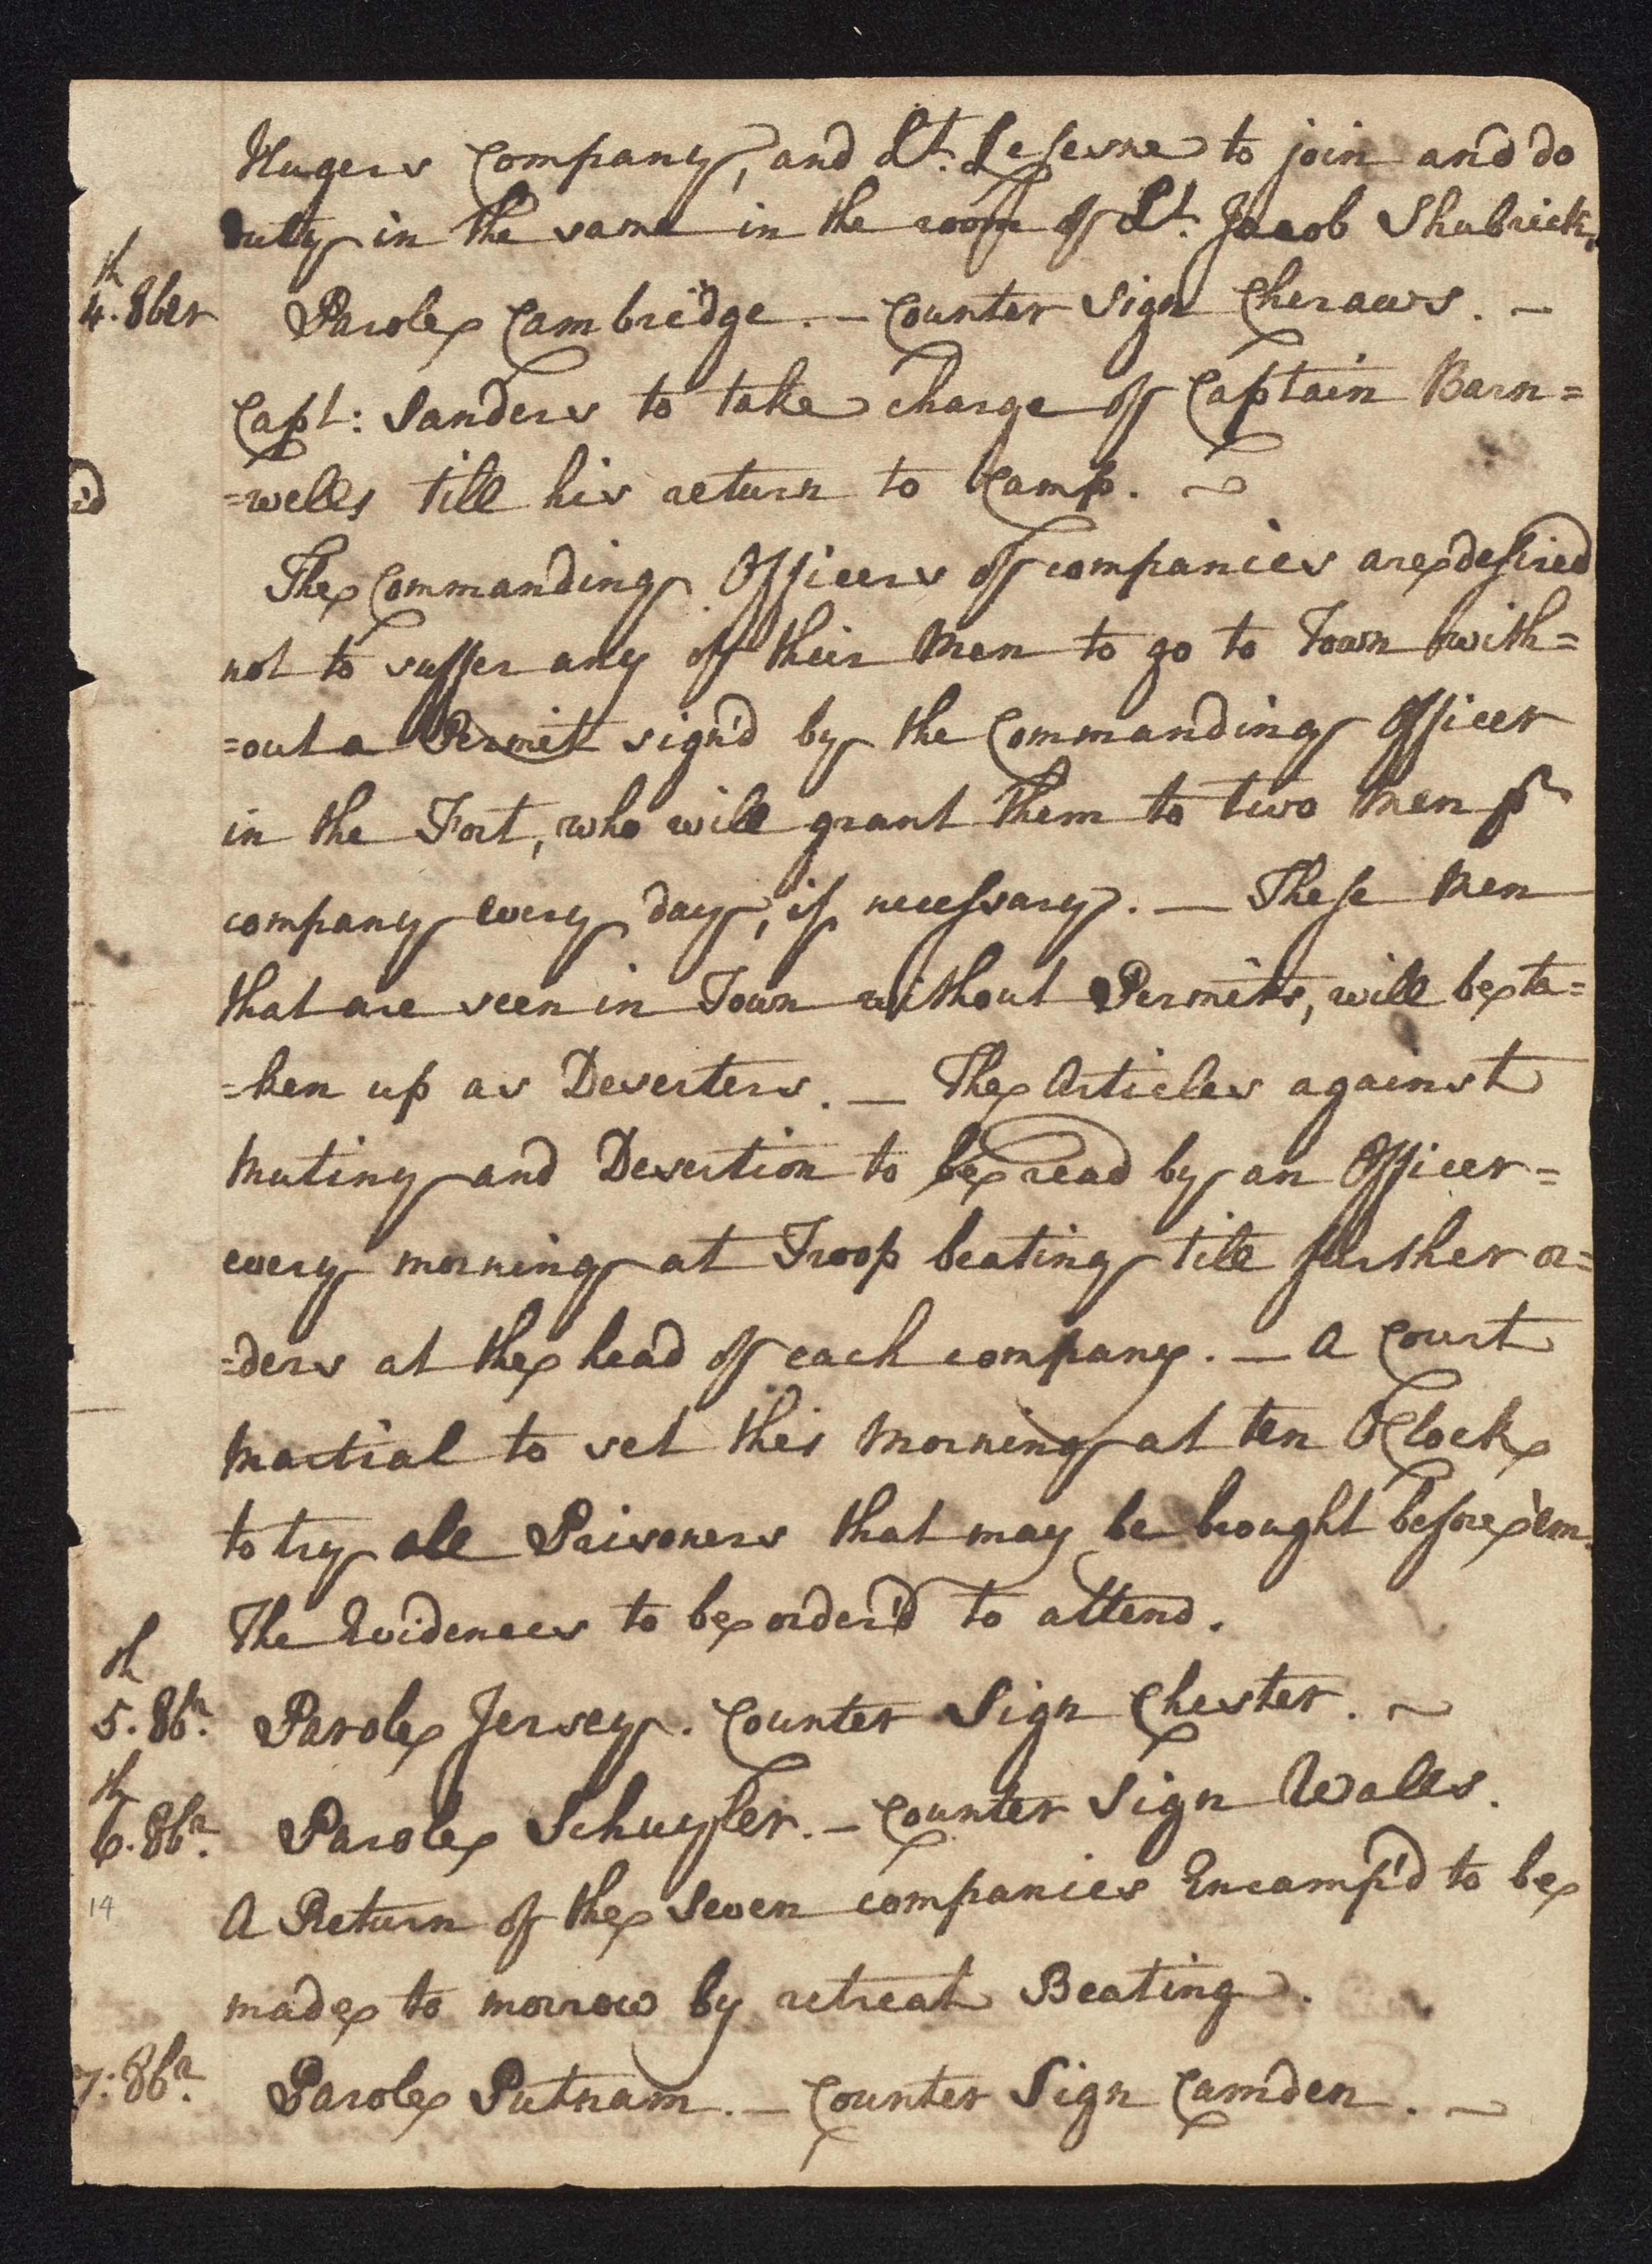 South Carolina Regiment Order Book, Page 27